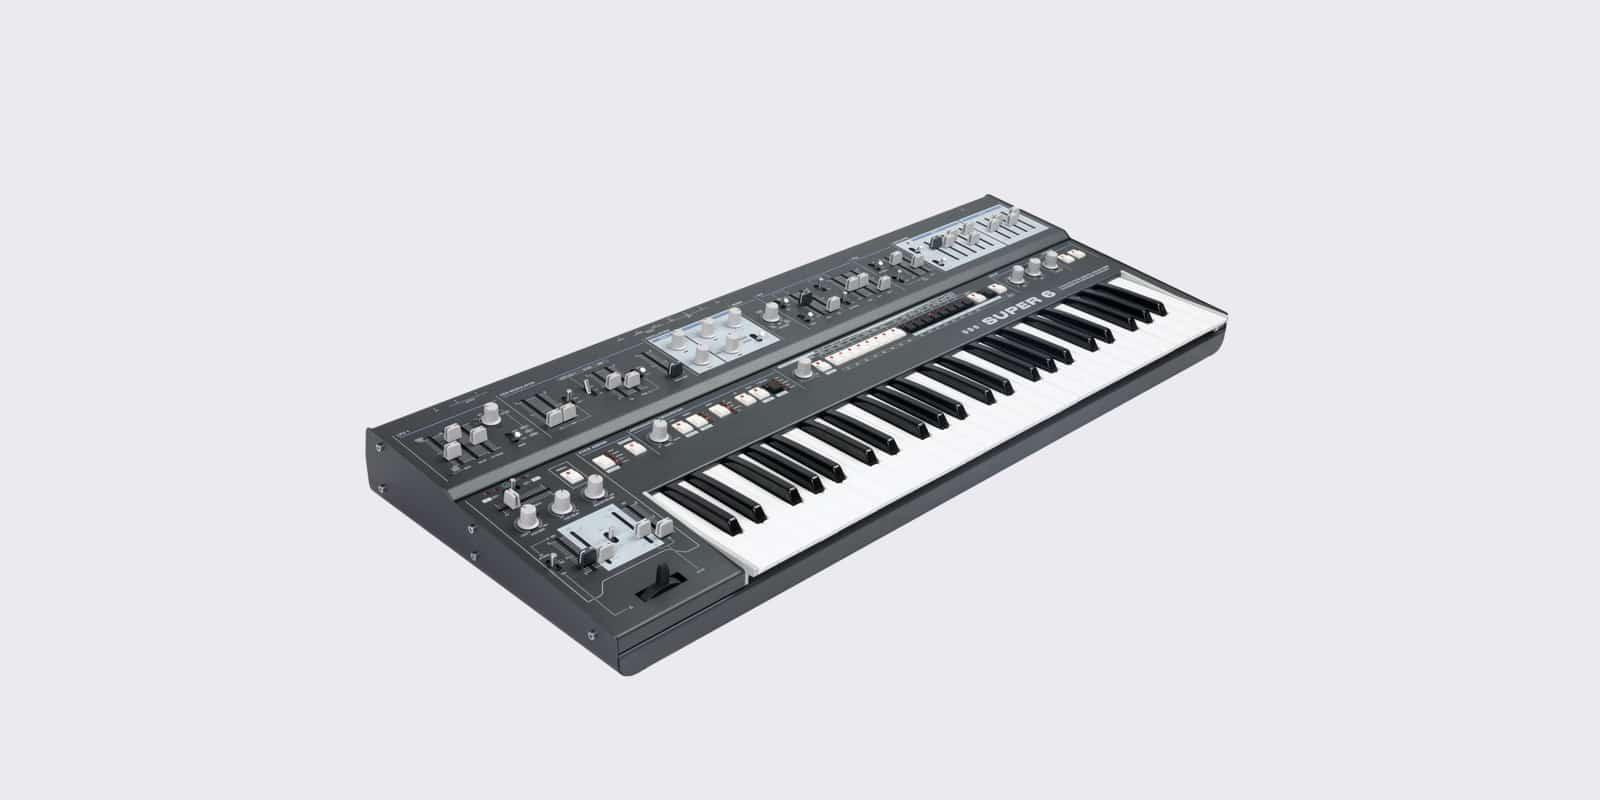 Udo Audio analog synthesizer Super 6 show-stopper